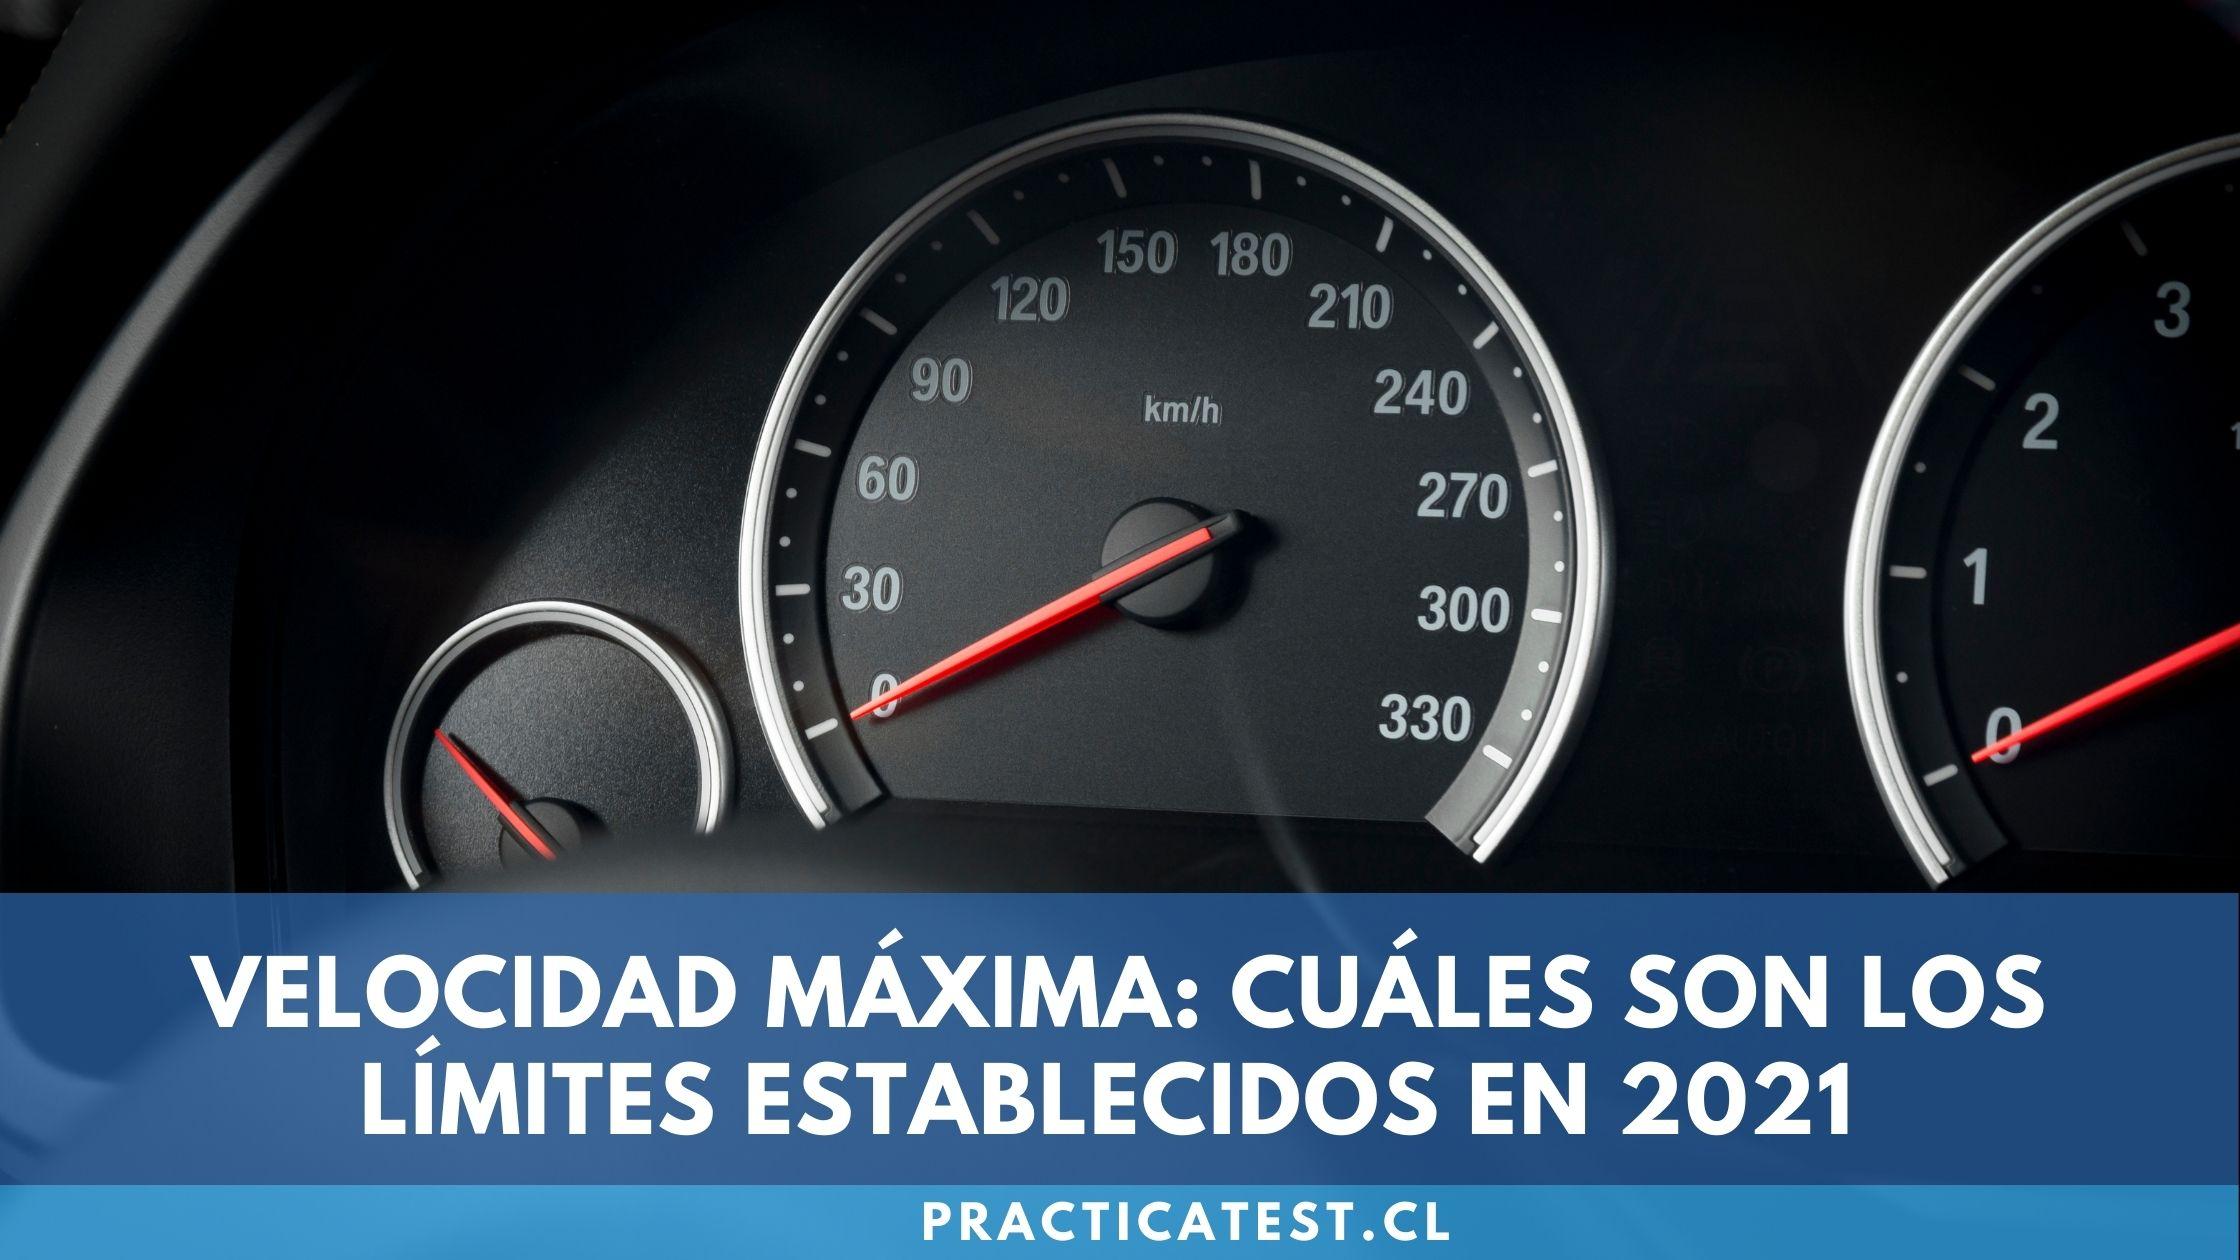 Velocidad máxima permitida en cada tipo de vía Chilena establecida para 2021